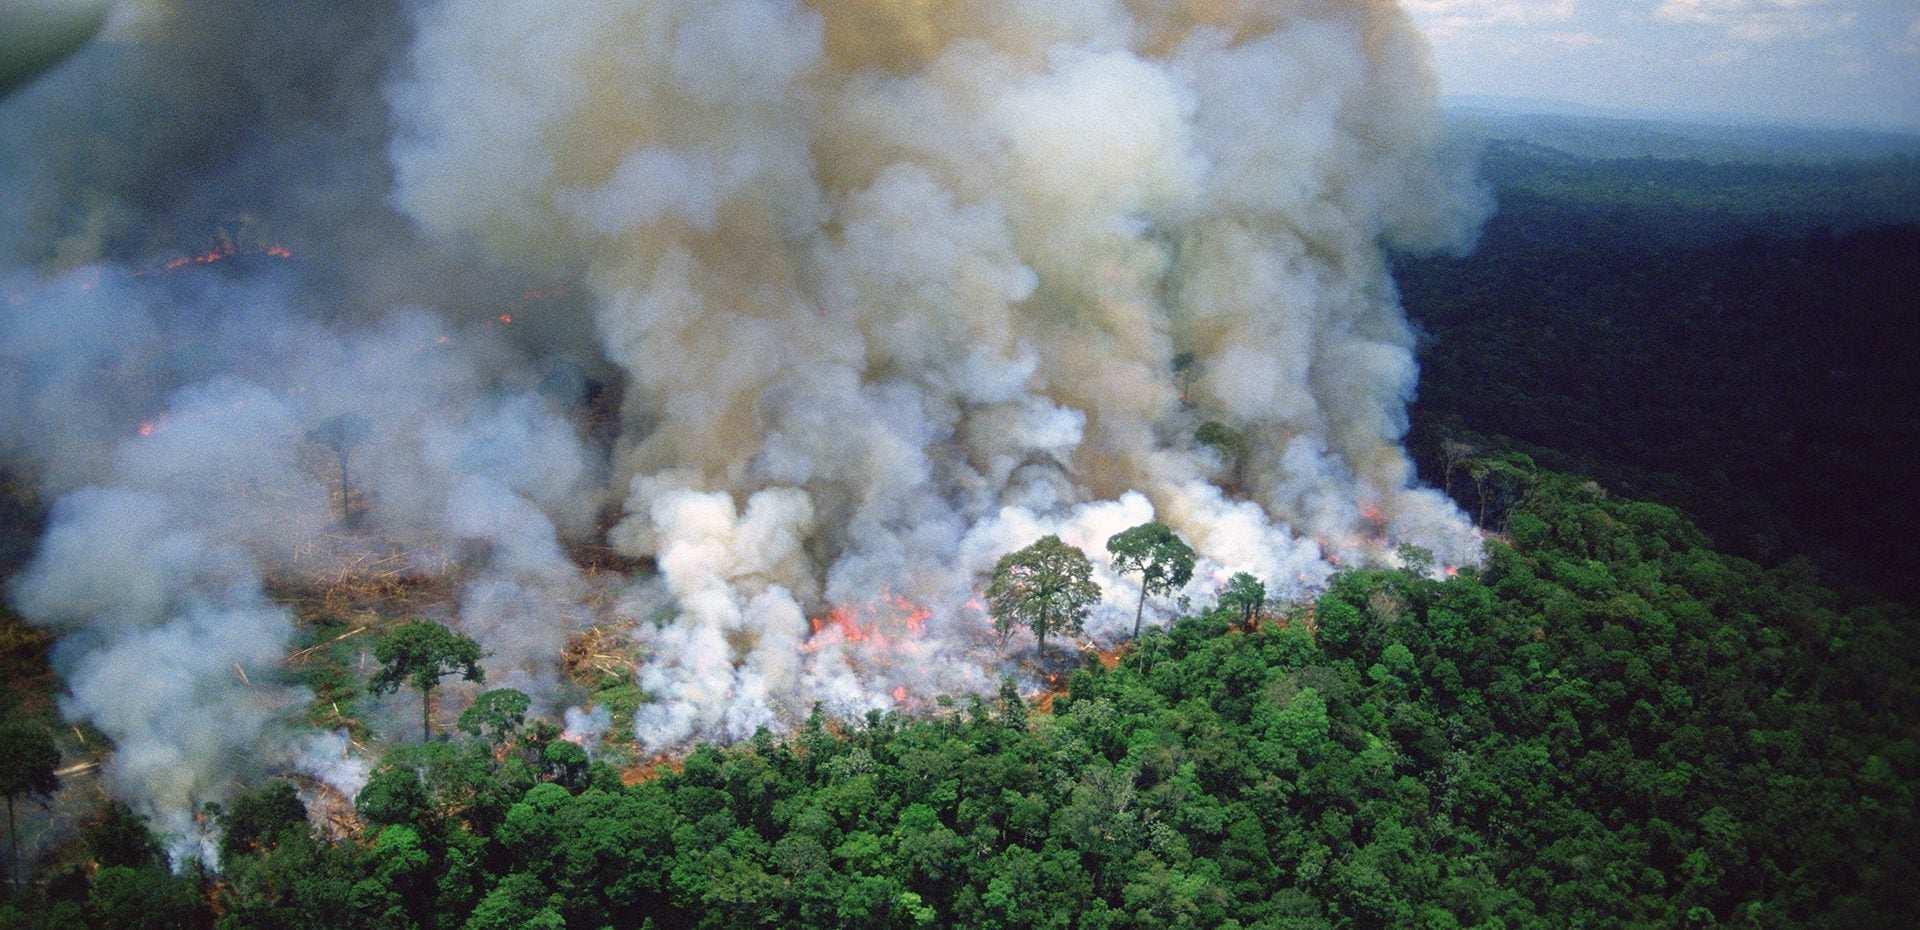 چرا آتش سوزی در آمازون برای جهان اهمیت دارد؟